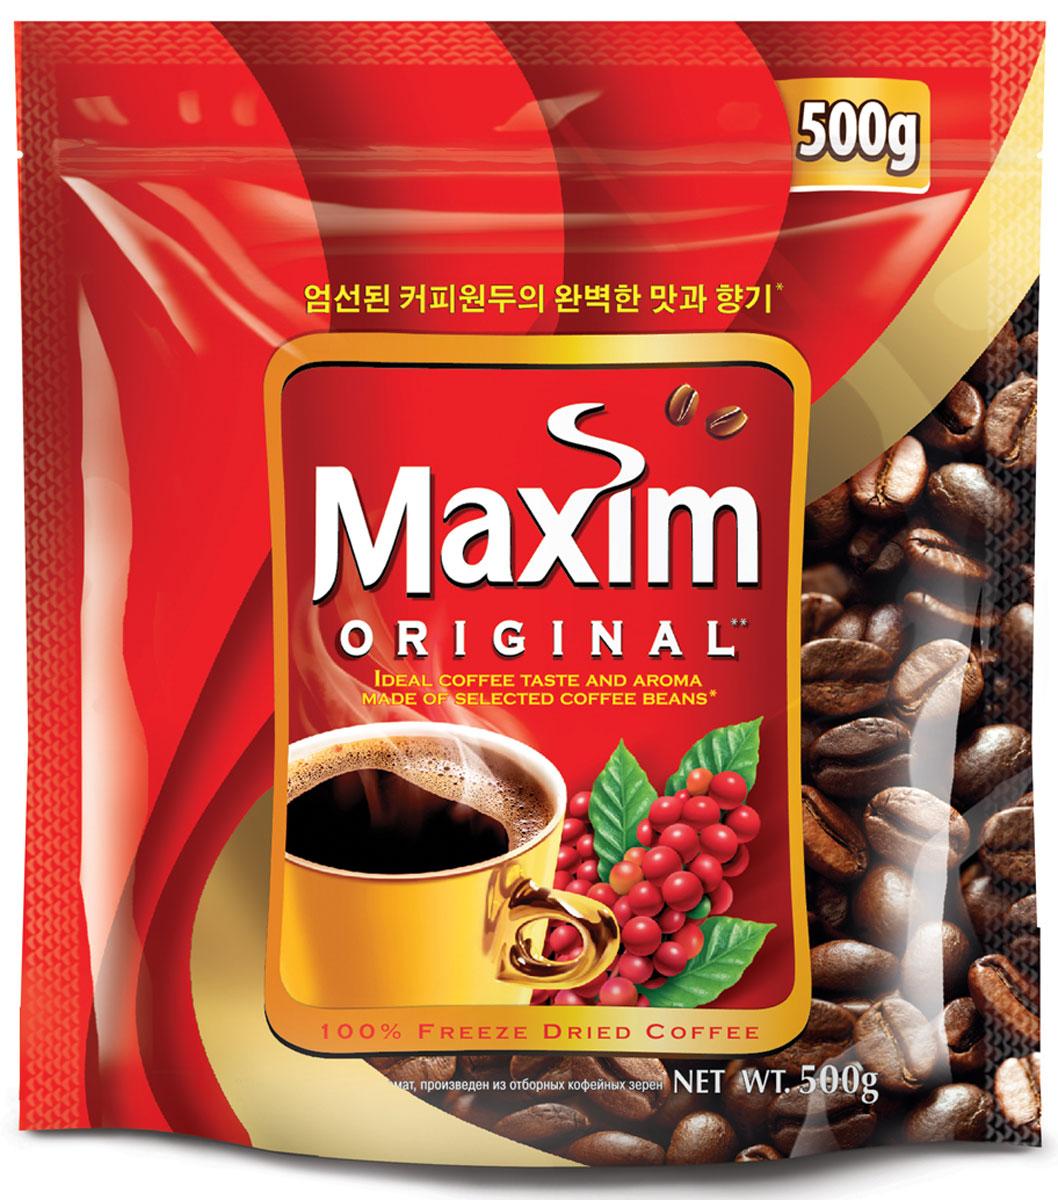 Maxim кофе натуральный растворимый сублимированный, 500 г4251187Maxim – это сублимированный кофе высокого качества по доступной цене. Это бренд #2 в Сибири и на Дальнем Востоке. Ведет свою историю с 1971 года. Представлен двумя вкусами – Original и Mild. Maxim Original - это идеально сбалансированный вкус и притягательный аромат, приготовлен из отборных кофейных зёрен.